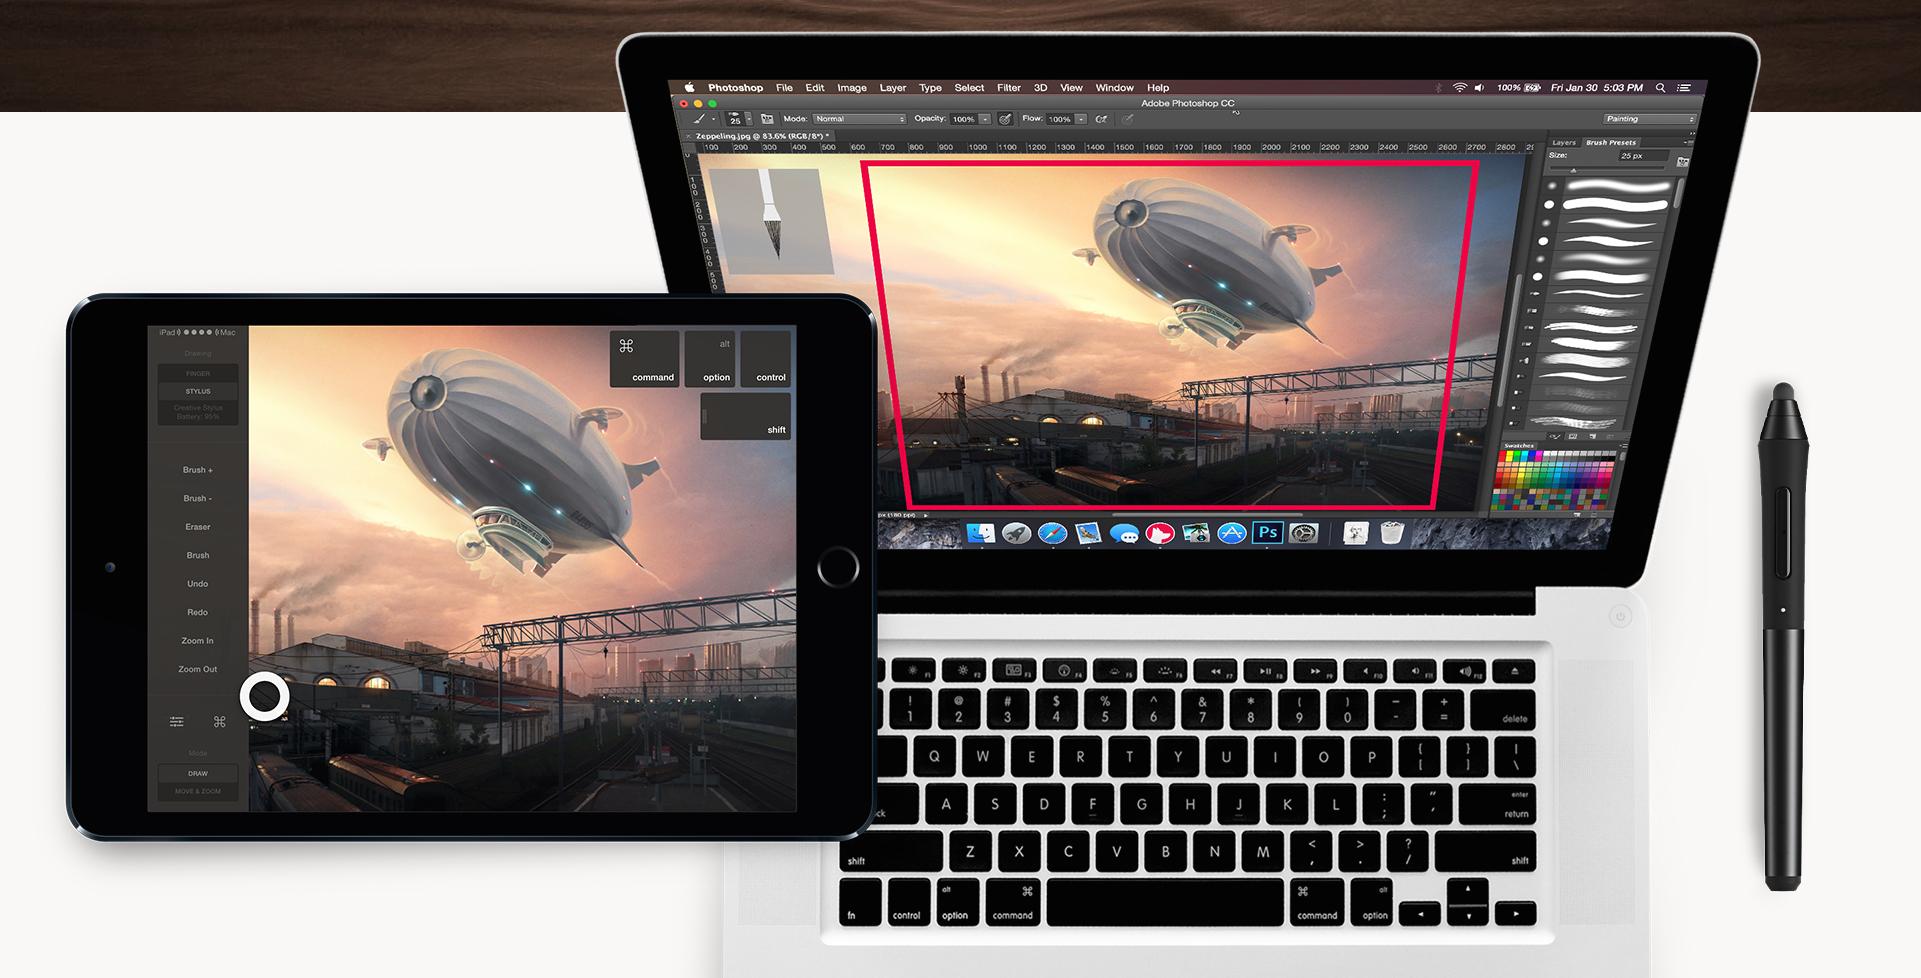 astropad on ipad and mac